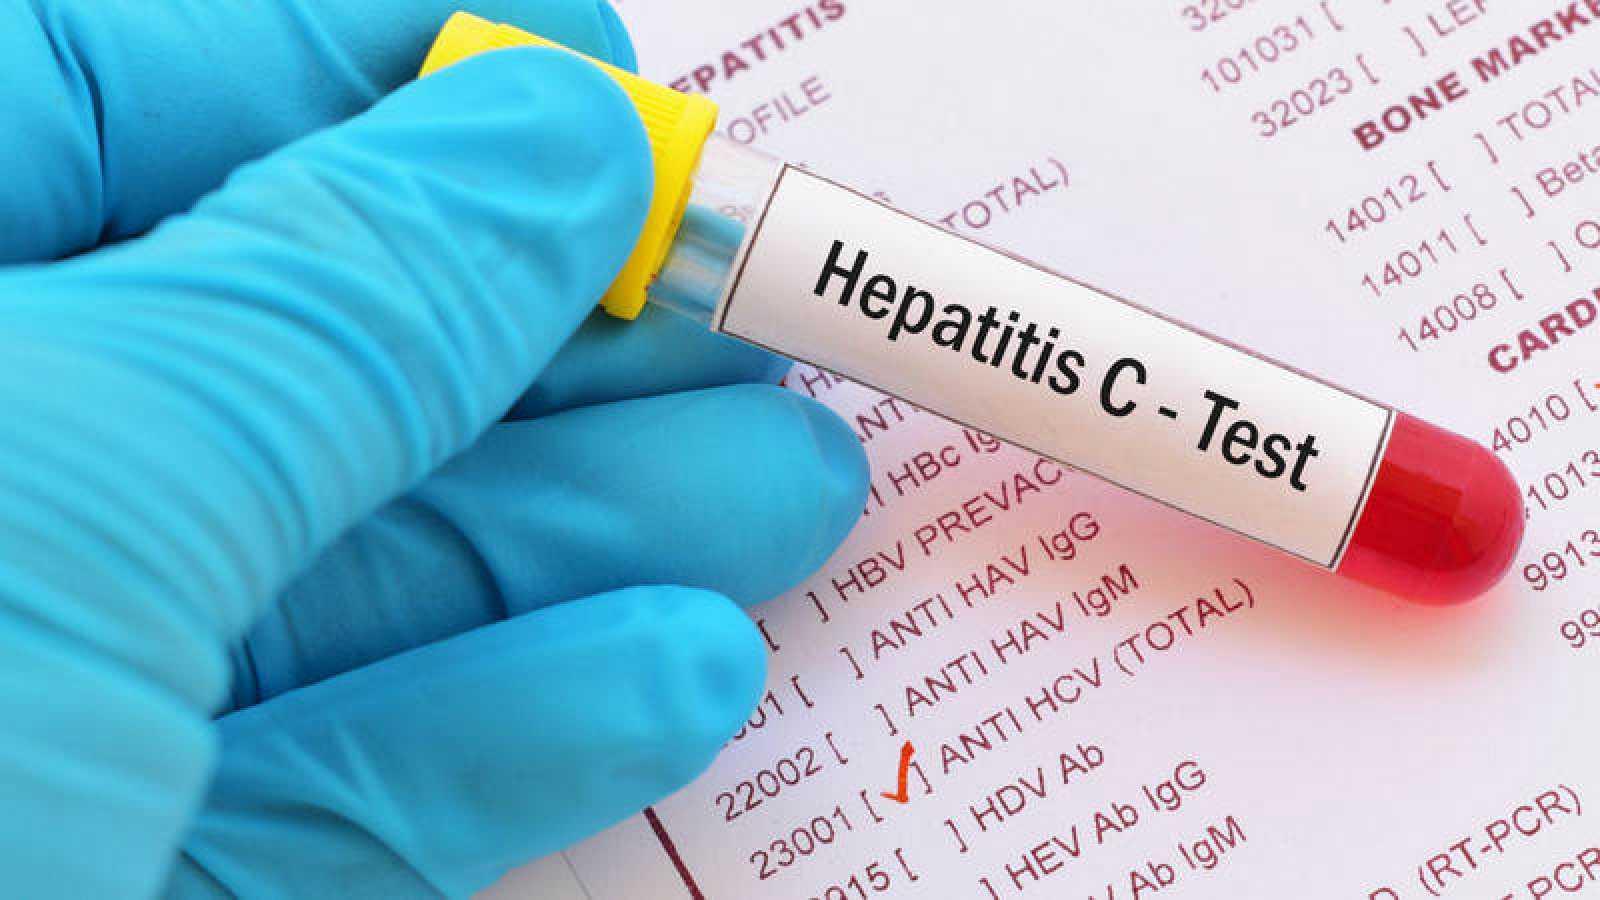 España podría eliminar la hepatitis C seis años antes de lo fijado por la OMS